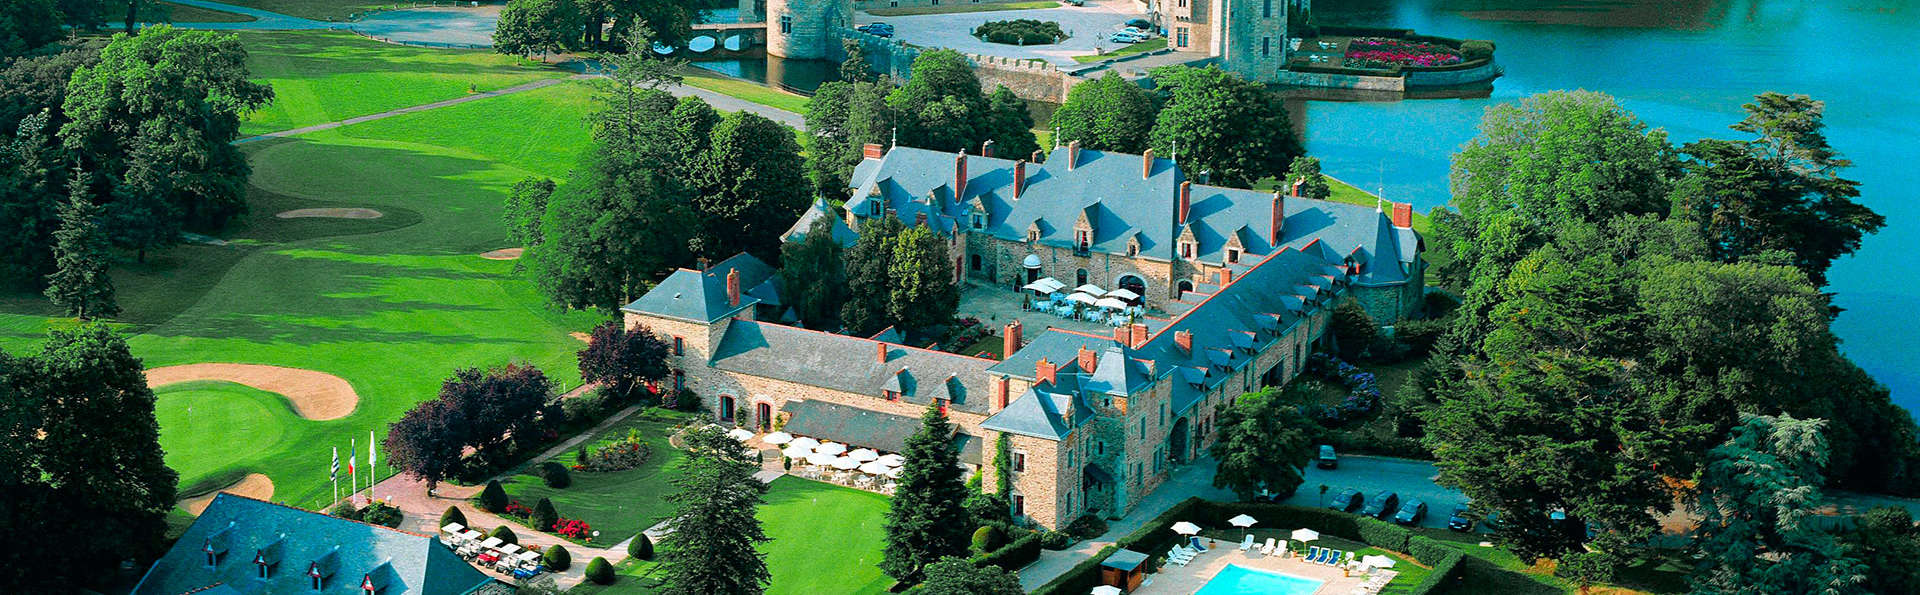 Partez ce week-end vous reposer au Domaine de la Bretesche avec soins au spa